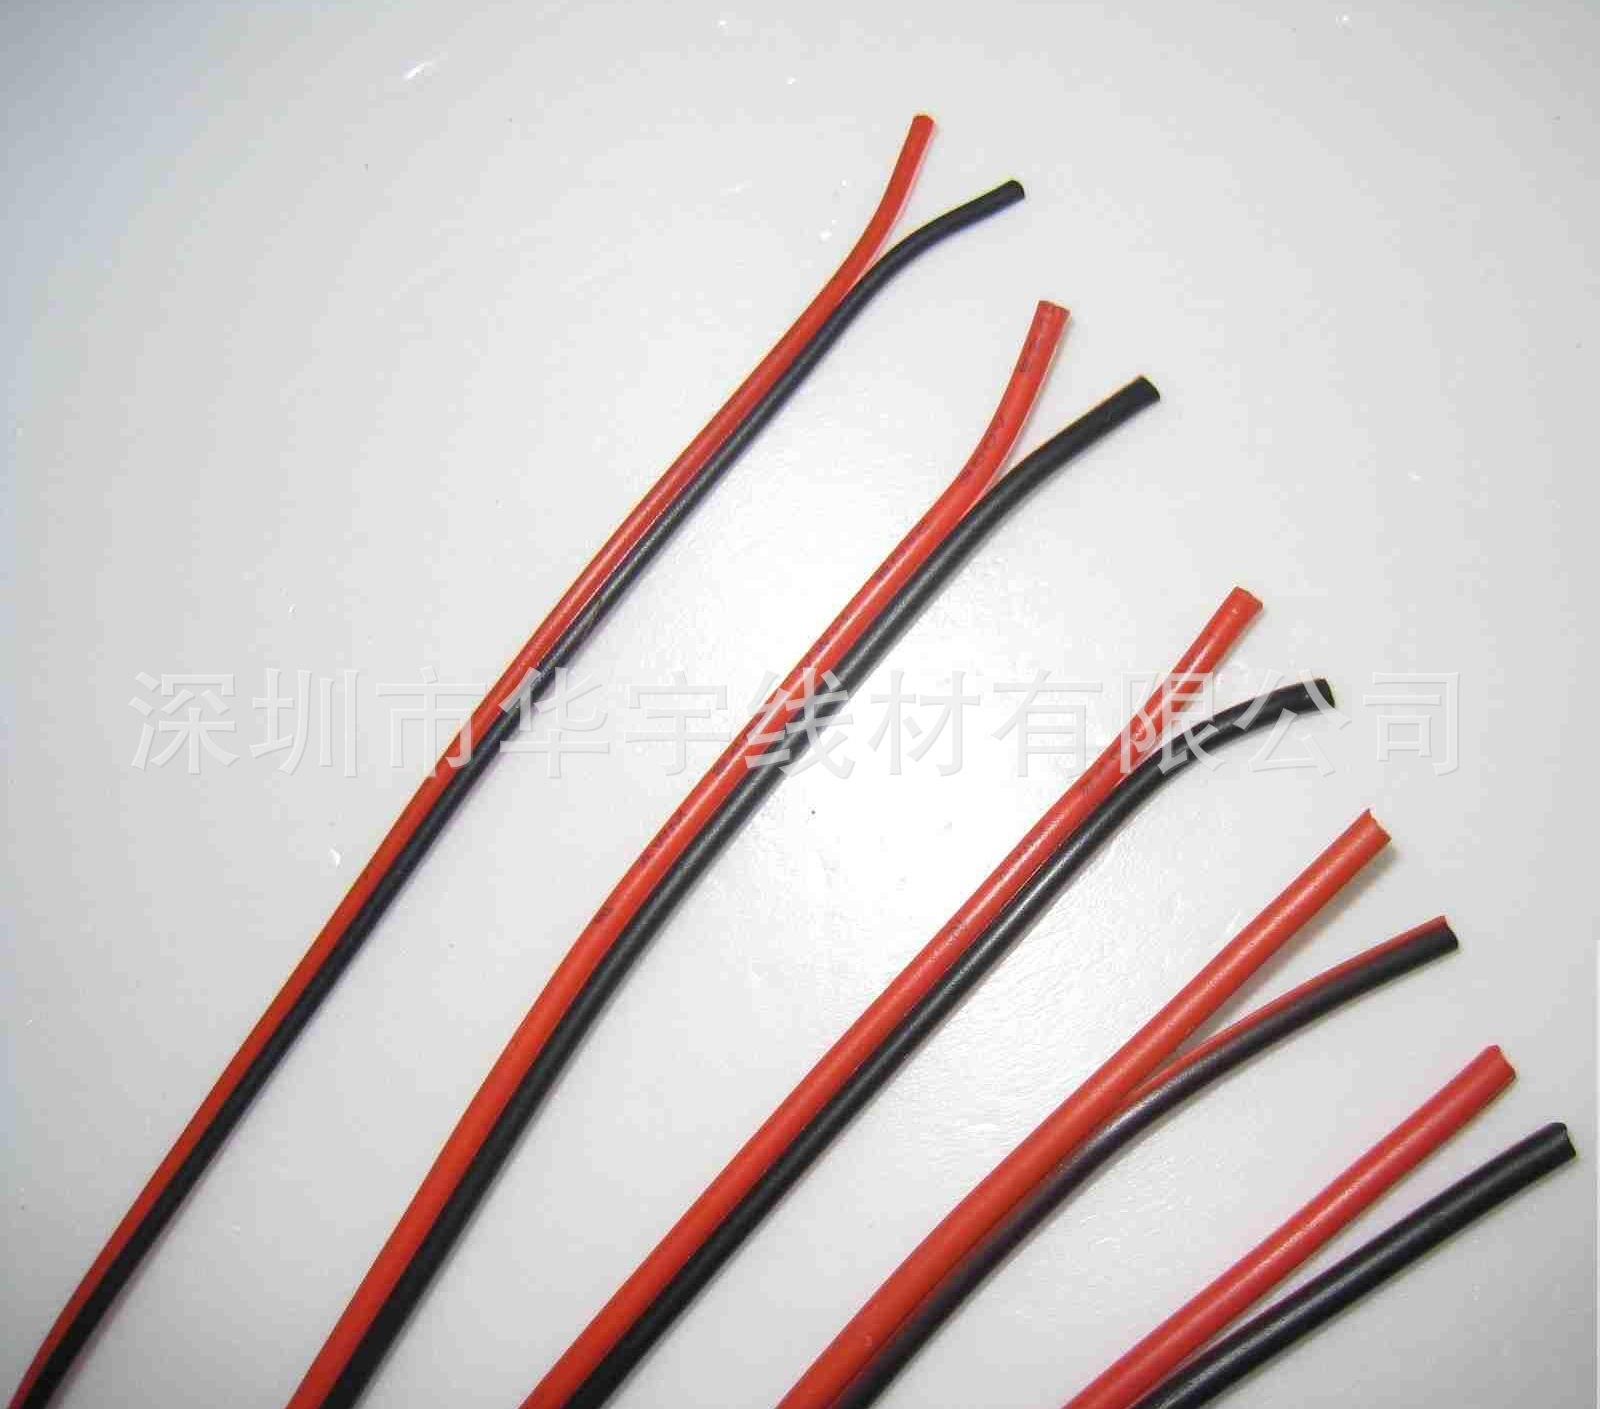 厂家供应镀锡铜线芯双并电源线线材红黑双排环保线材电源线批发